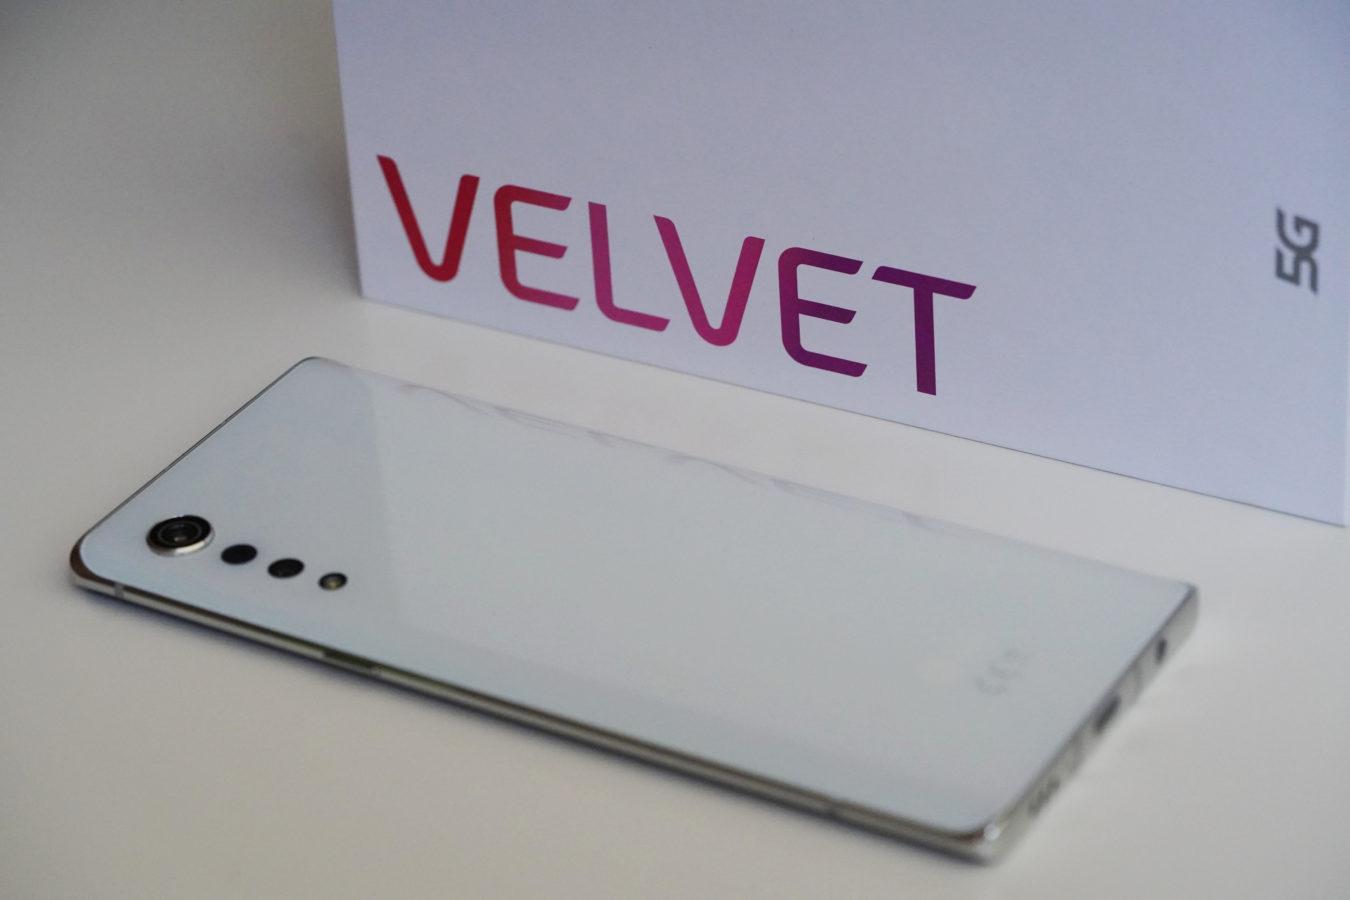 Recenzja LG Velvet. Żarty z papieru na bok - to naprawdę fajny smartfon 213